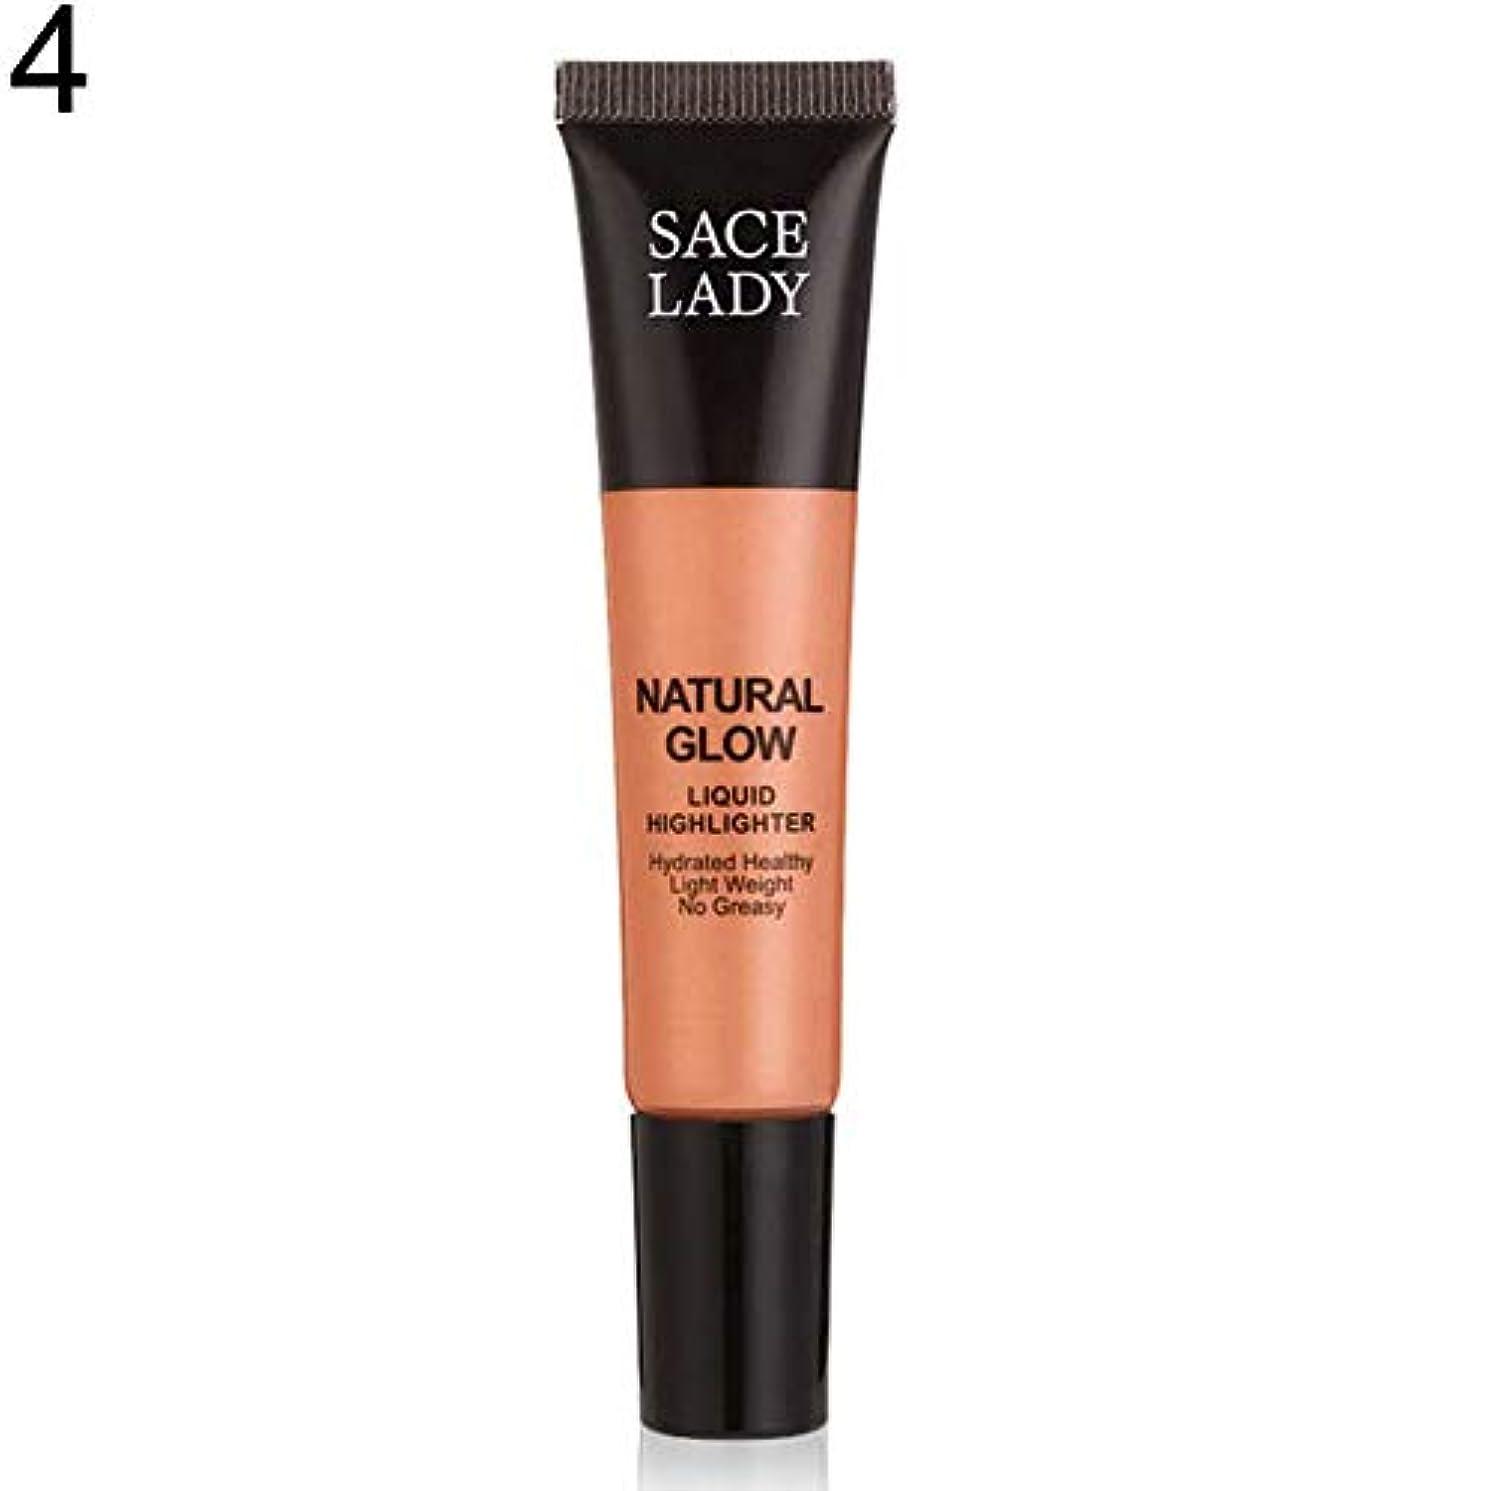 落とし穴請求書ボットSACE LADY液体蛍光ペン水和非脂っこい化粧顔ブロンザー - 4#